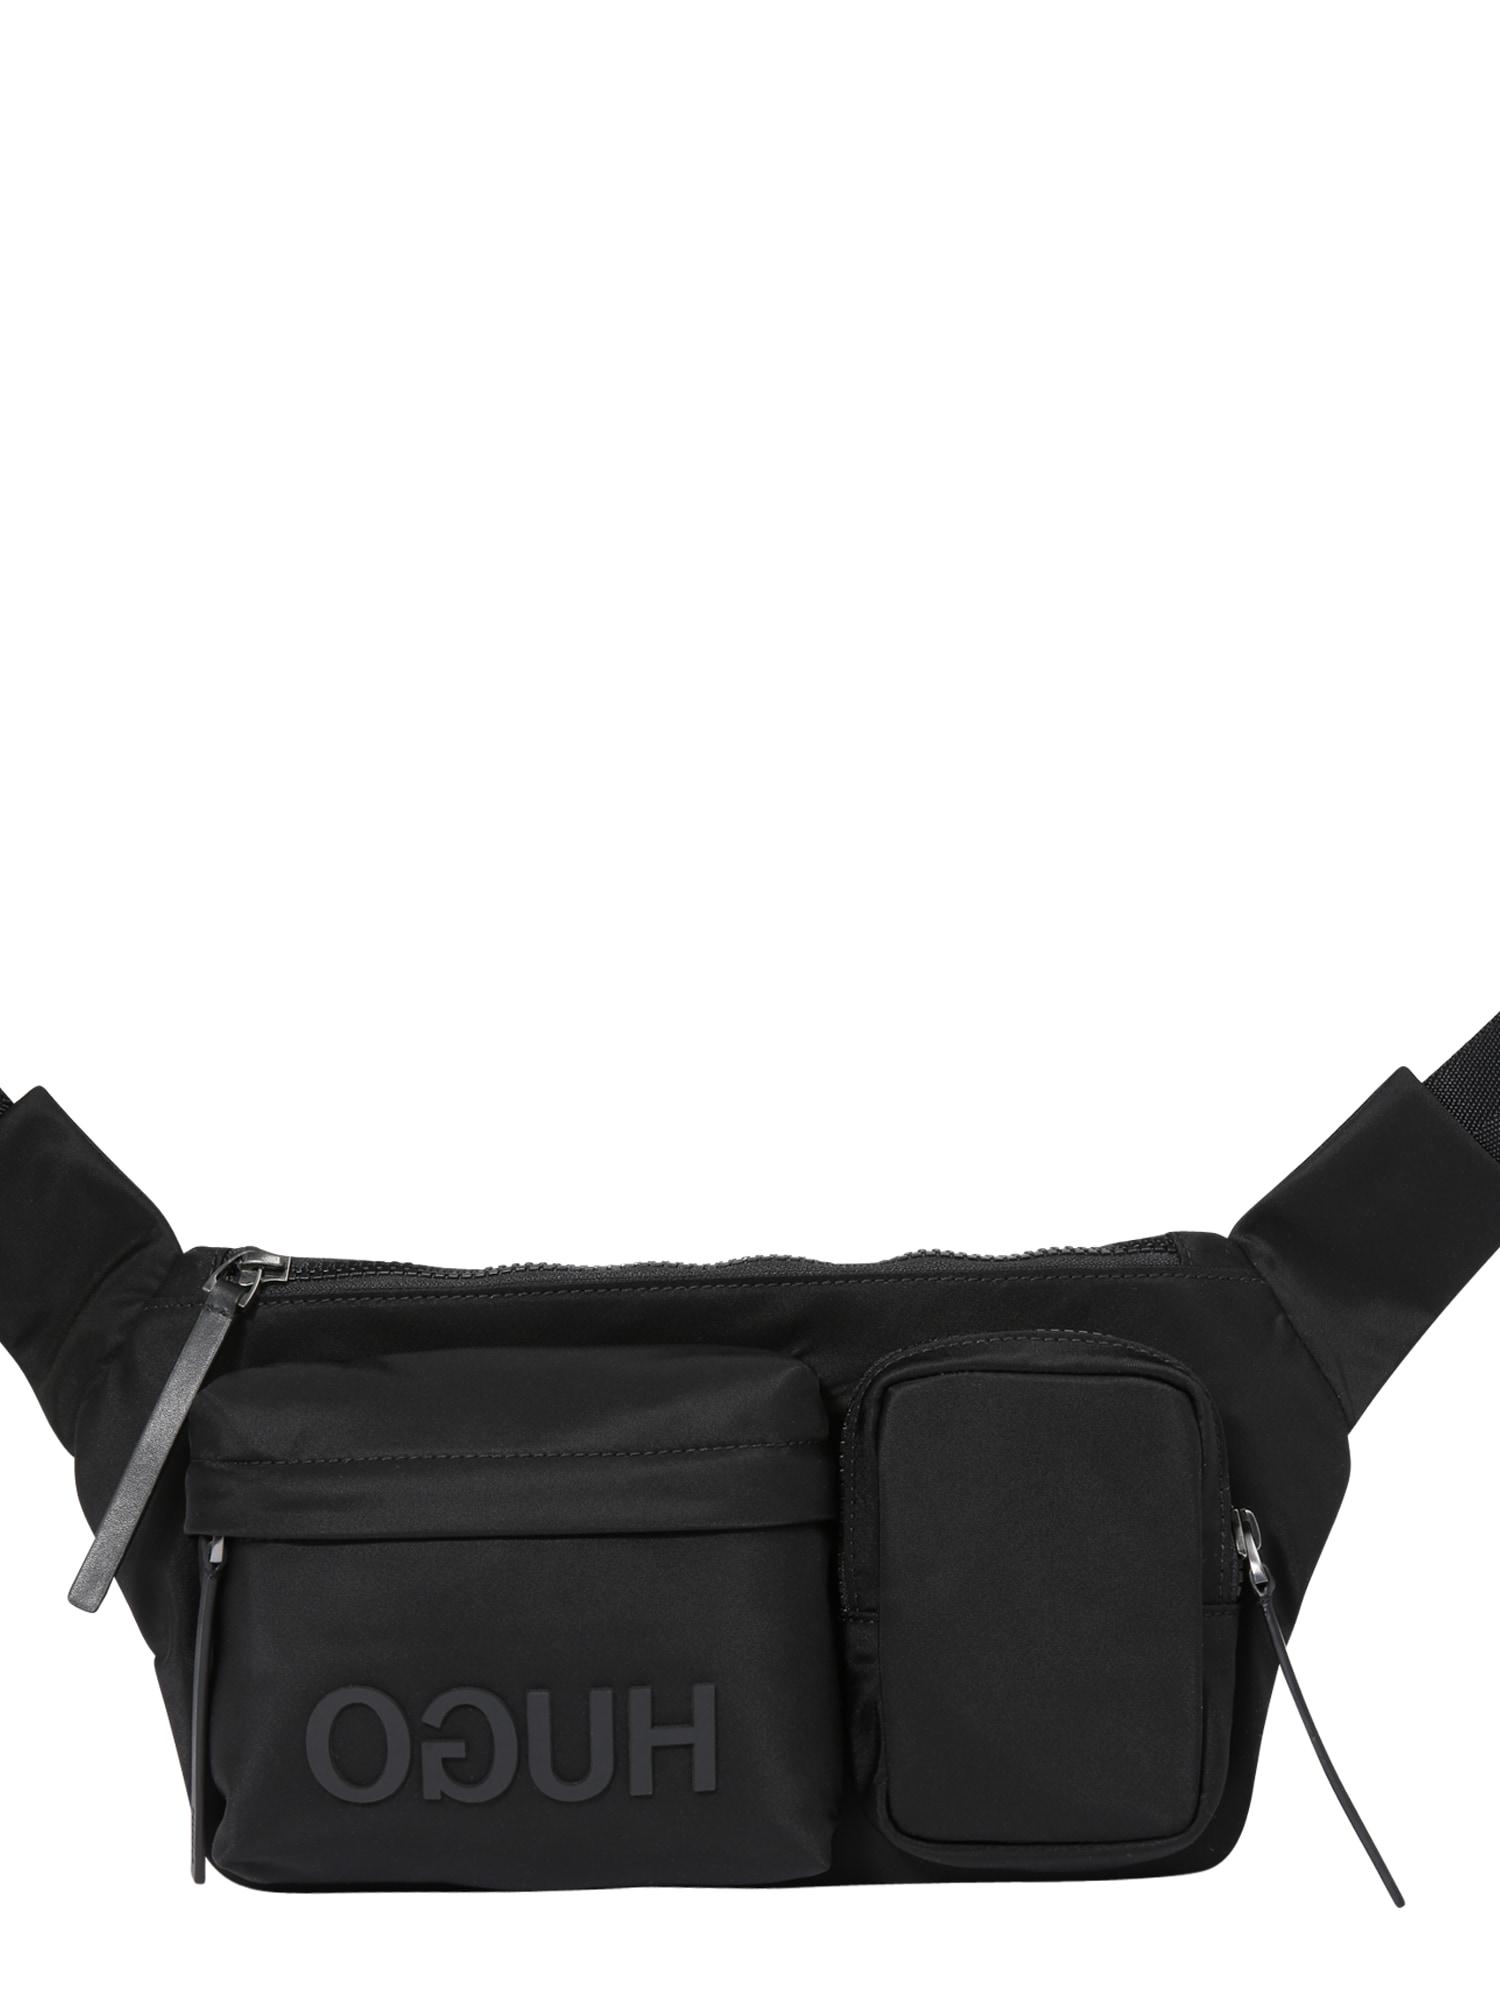 Gürteltasche 'Record Waist Bag' | Taschen > Gürteltaschen | HUGO